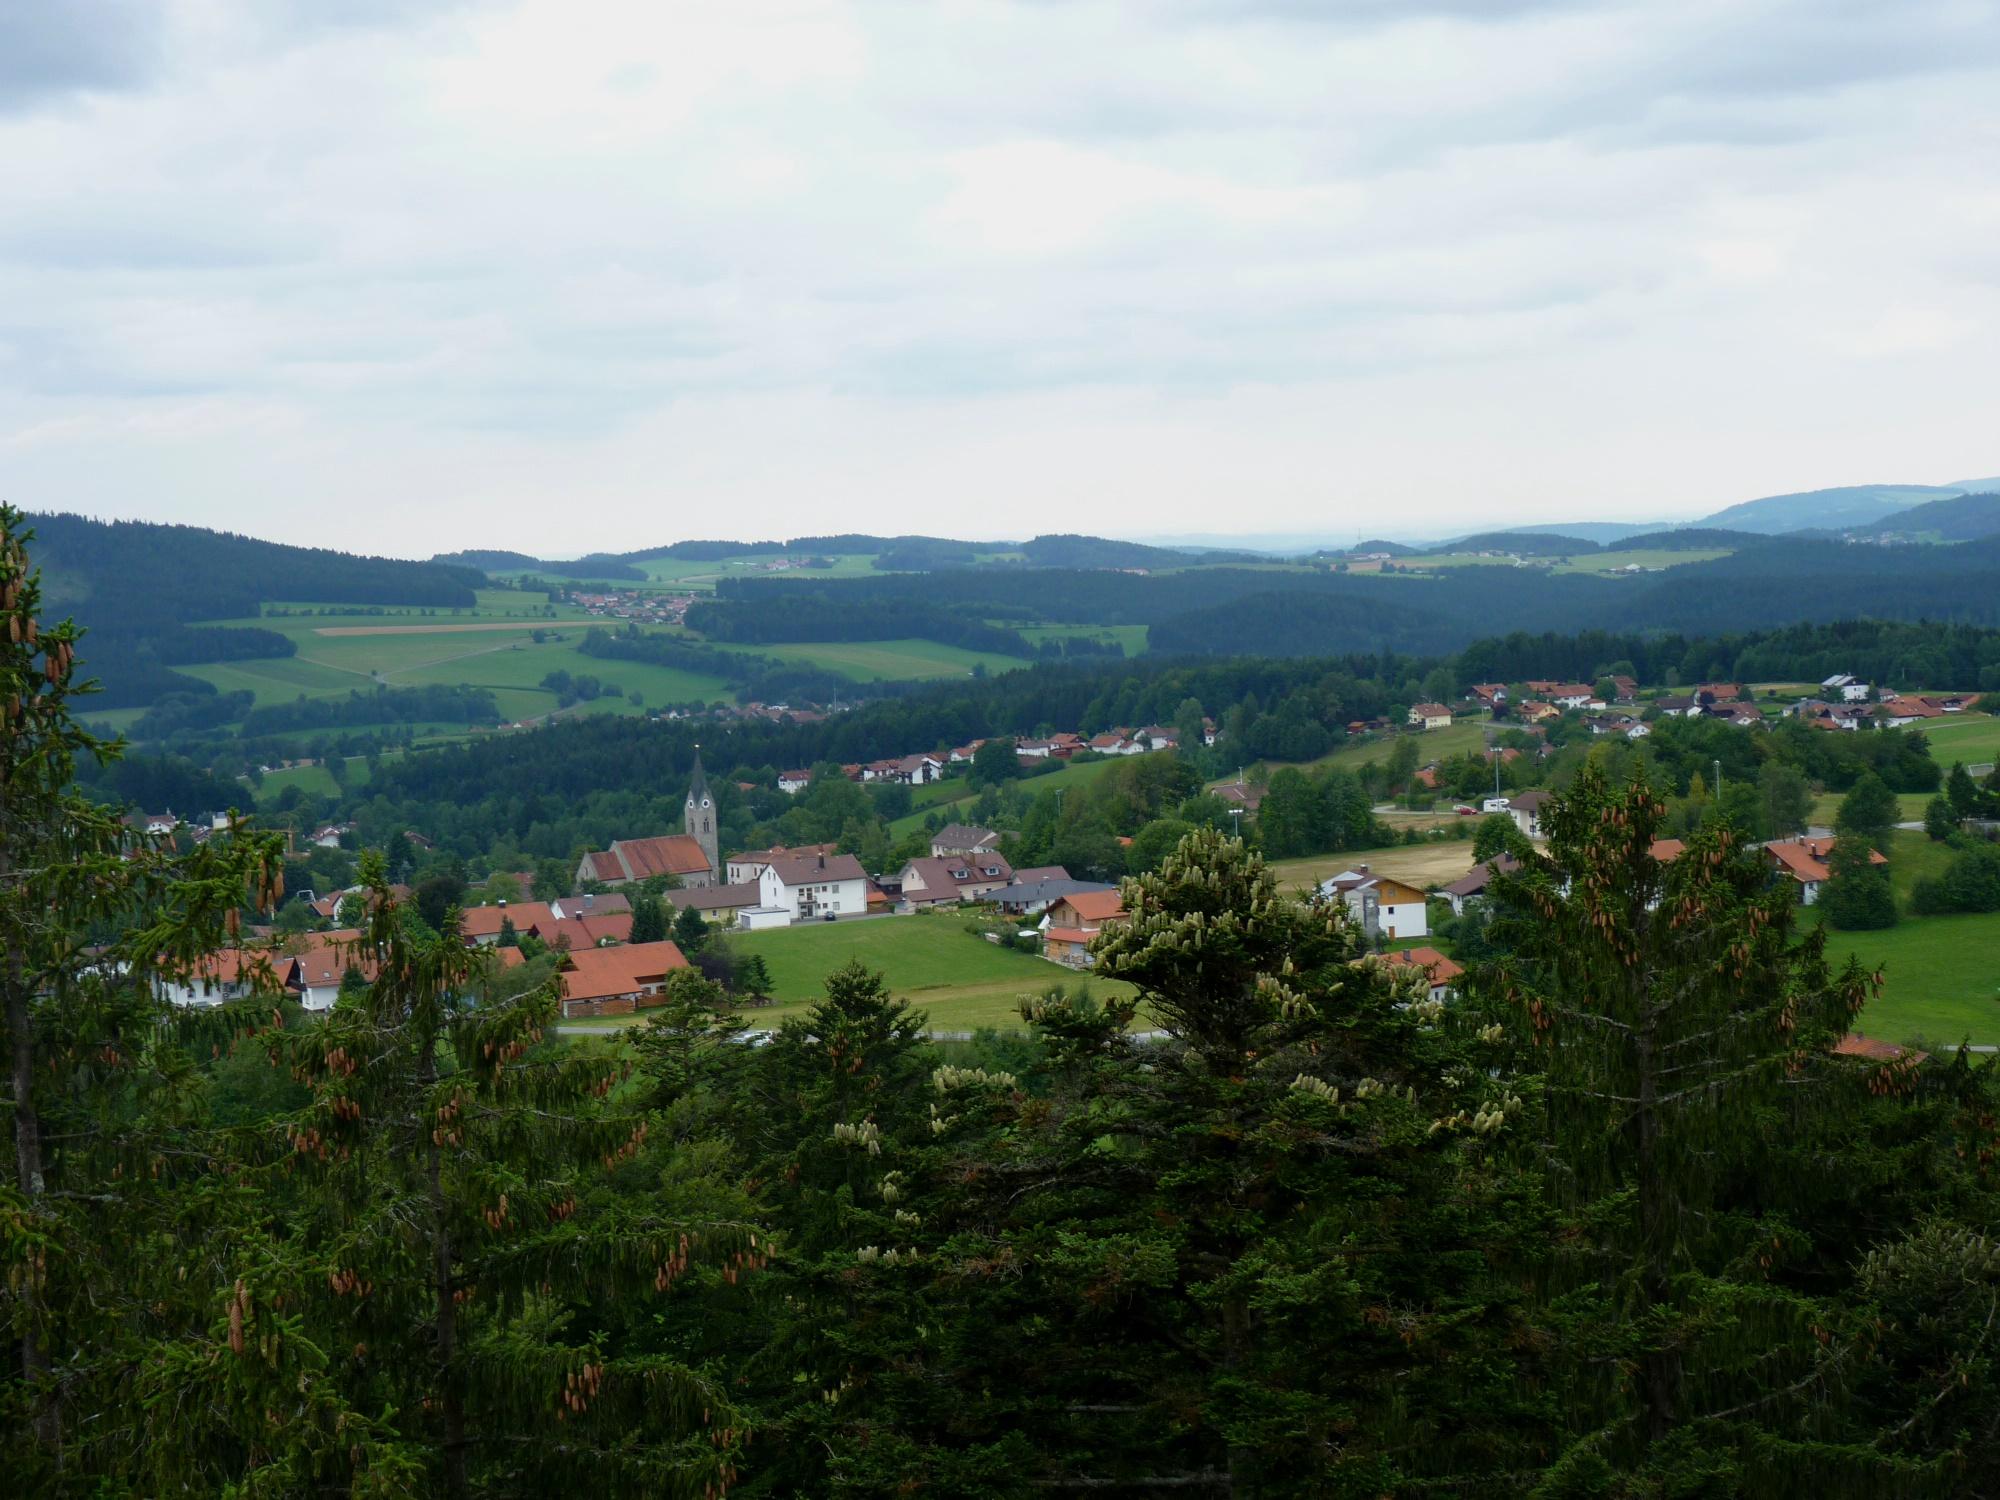 Foto: Foto der Woche #014: Bayerwald